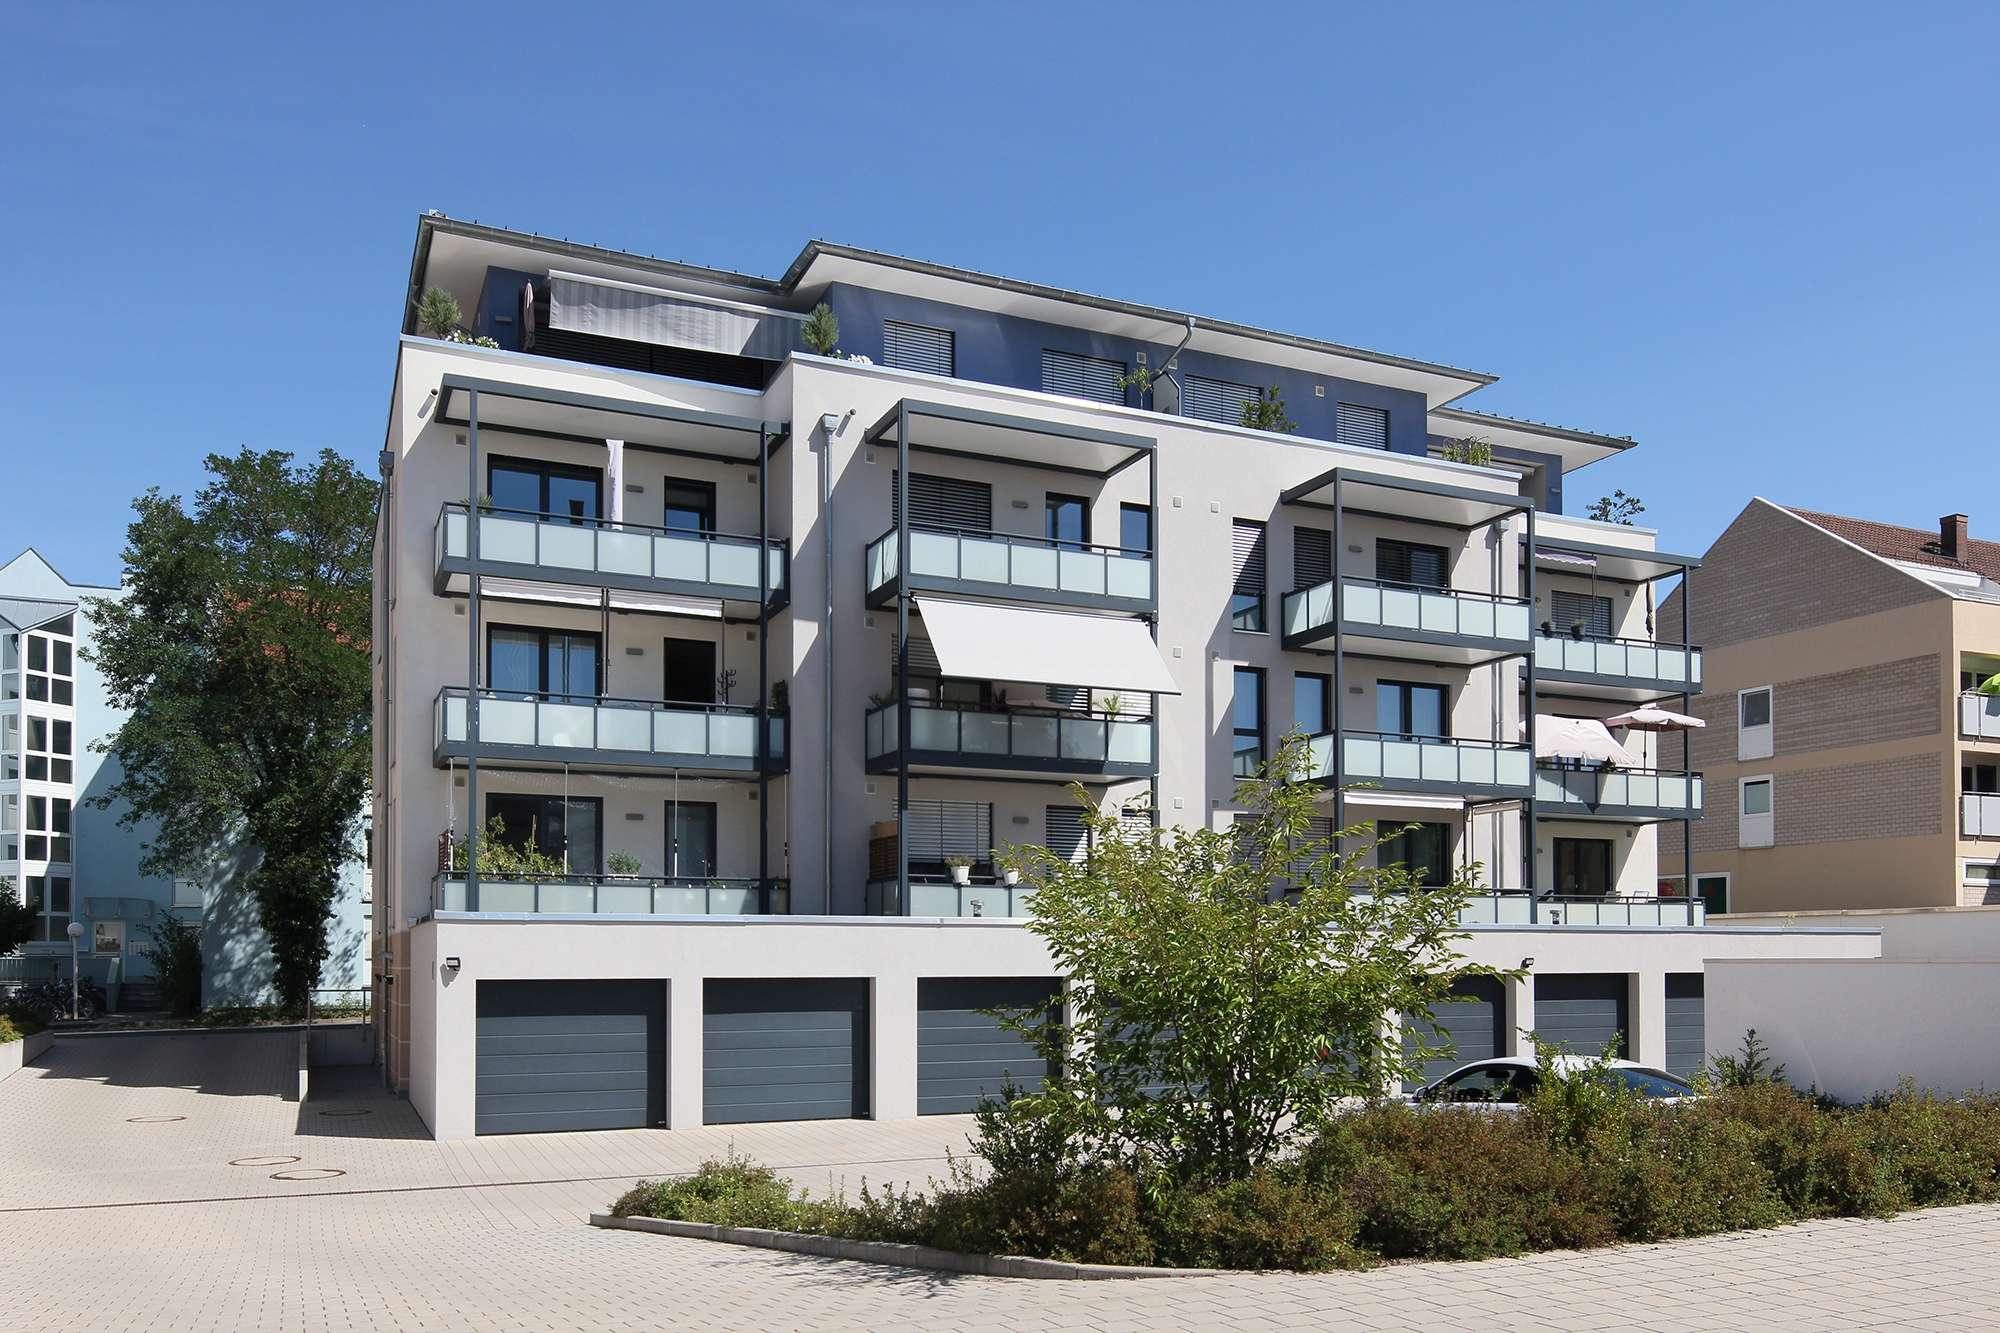 2015er Neubau-3-Zimmer-Wohnung, barrierefrei mit Blick Richtung Hofgarten im Zentrum Bayreuths!